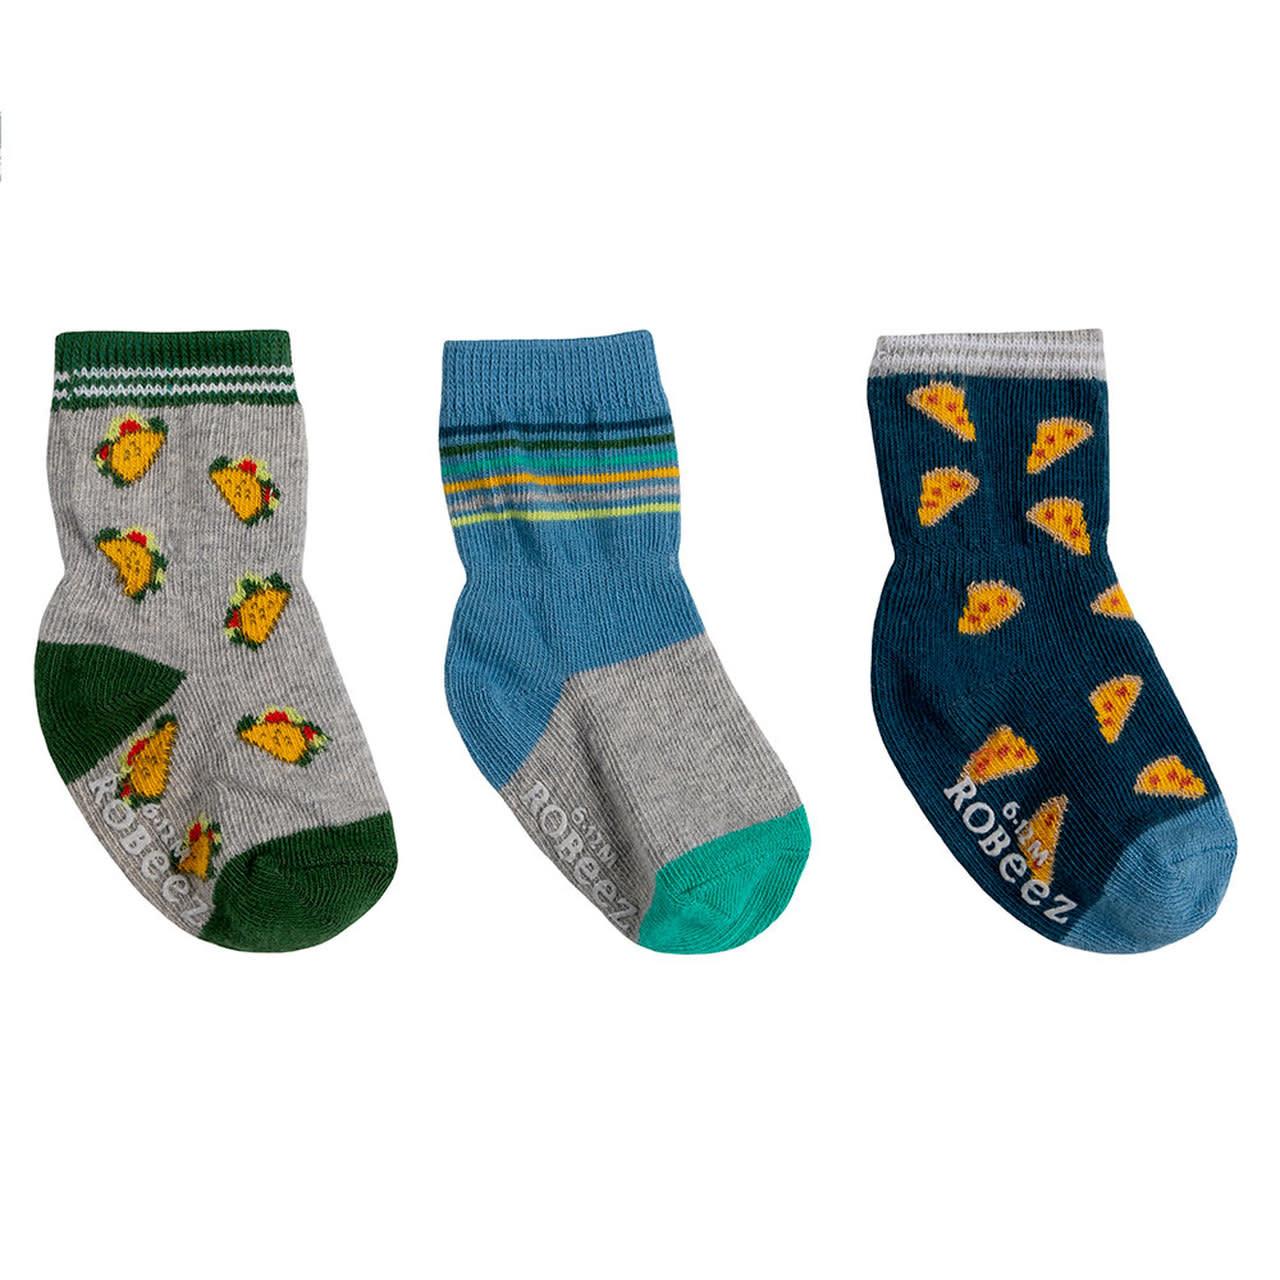 Robeez Socks 6pk